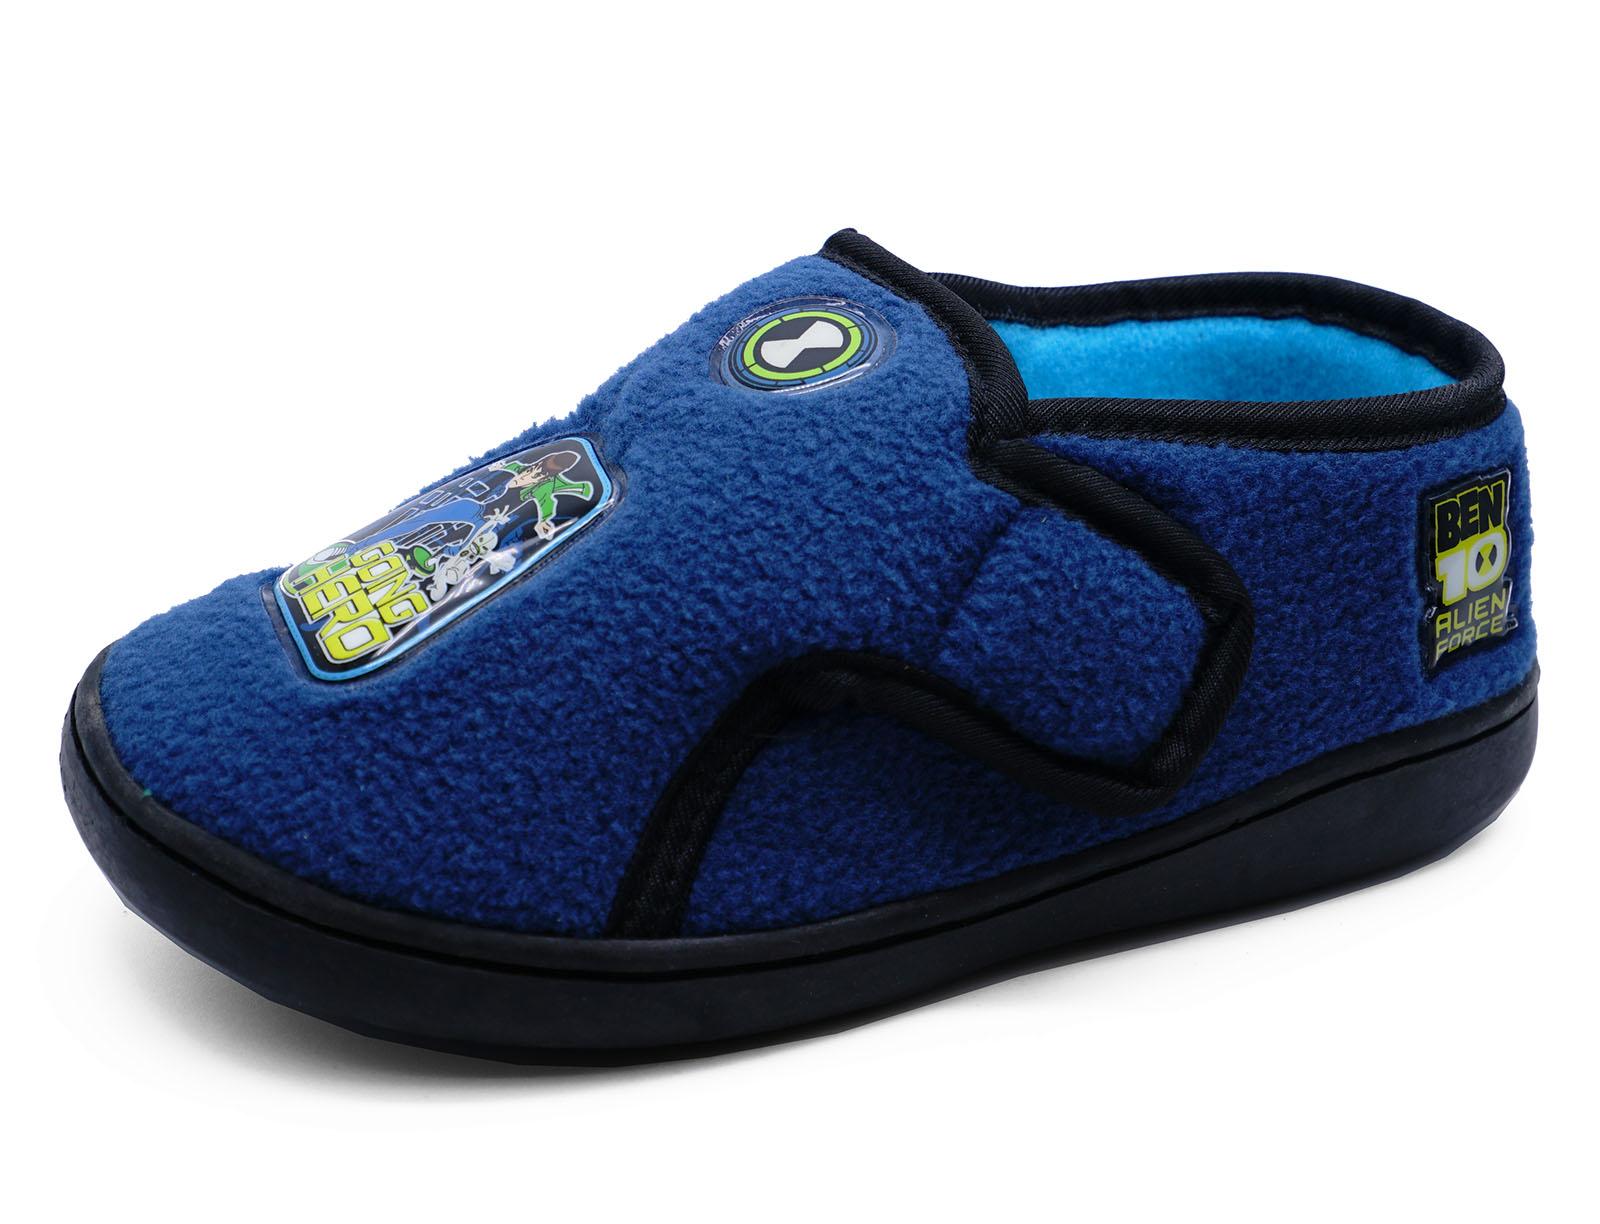 Junior Boys Kids Ben 10 Navy fy Warm Indoor Slippers Childrens